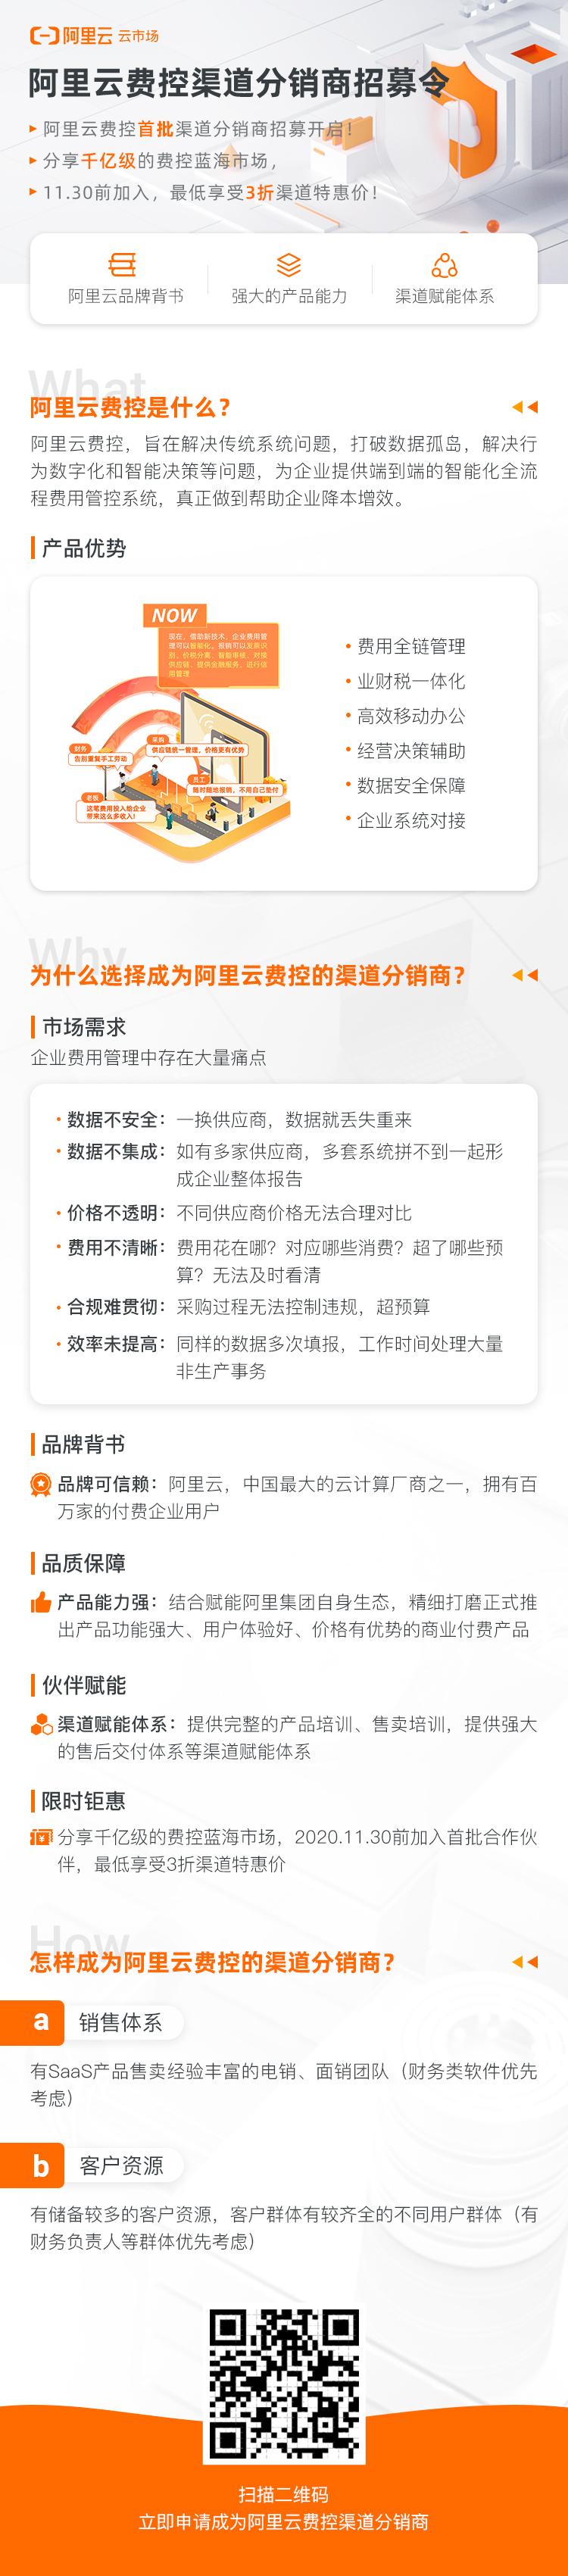 长图开发者社区渠道.jpg